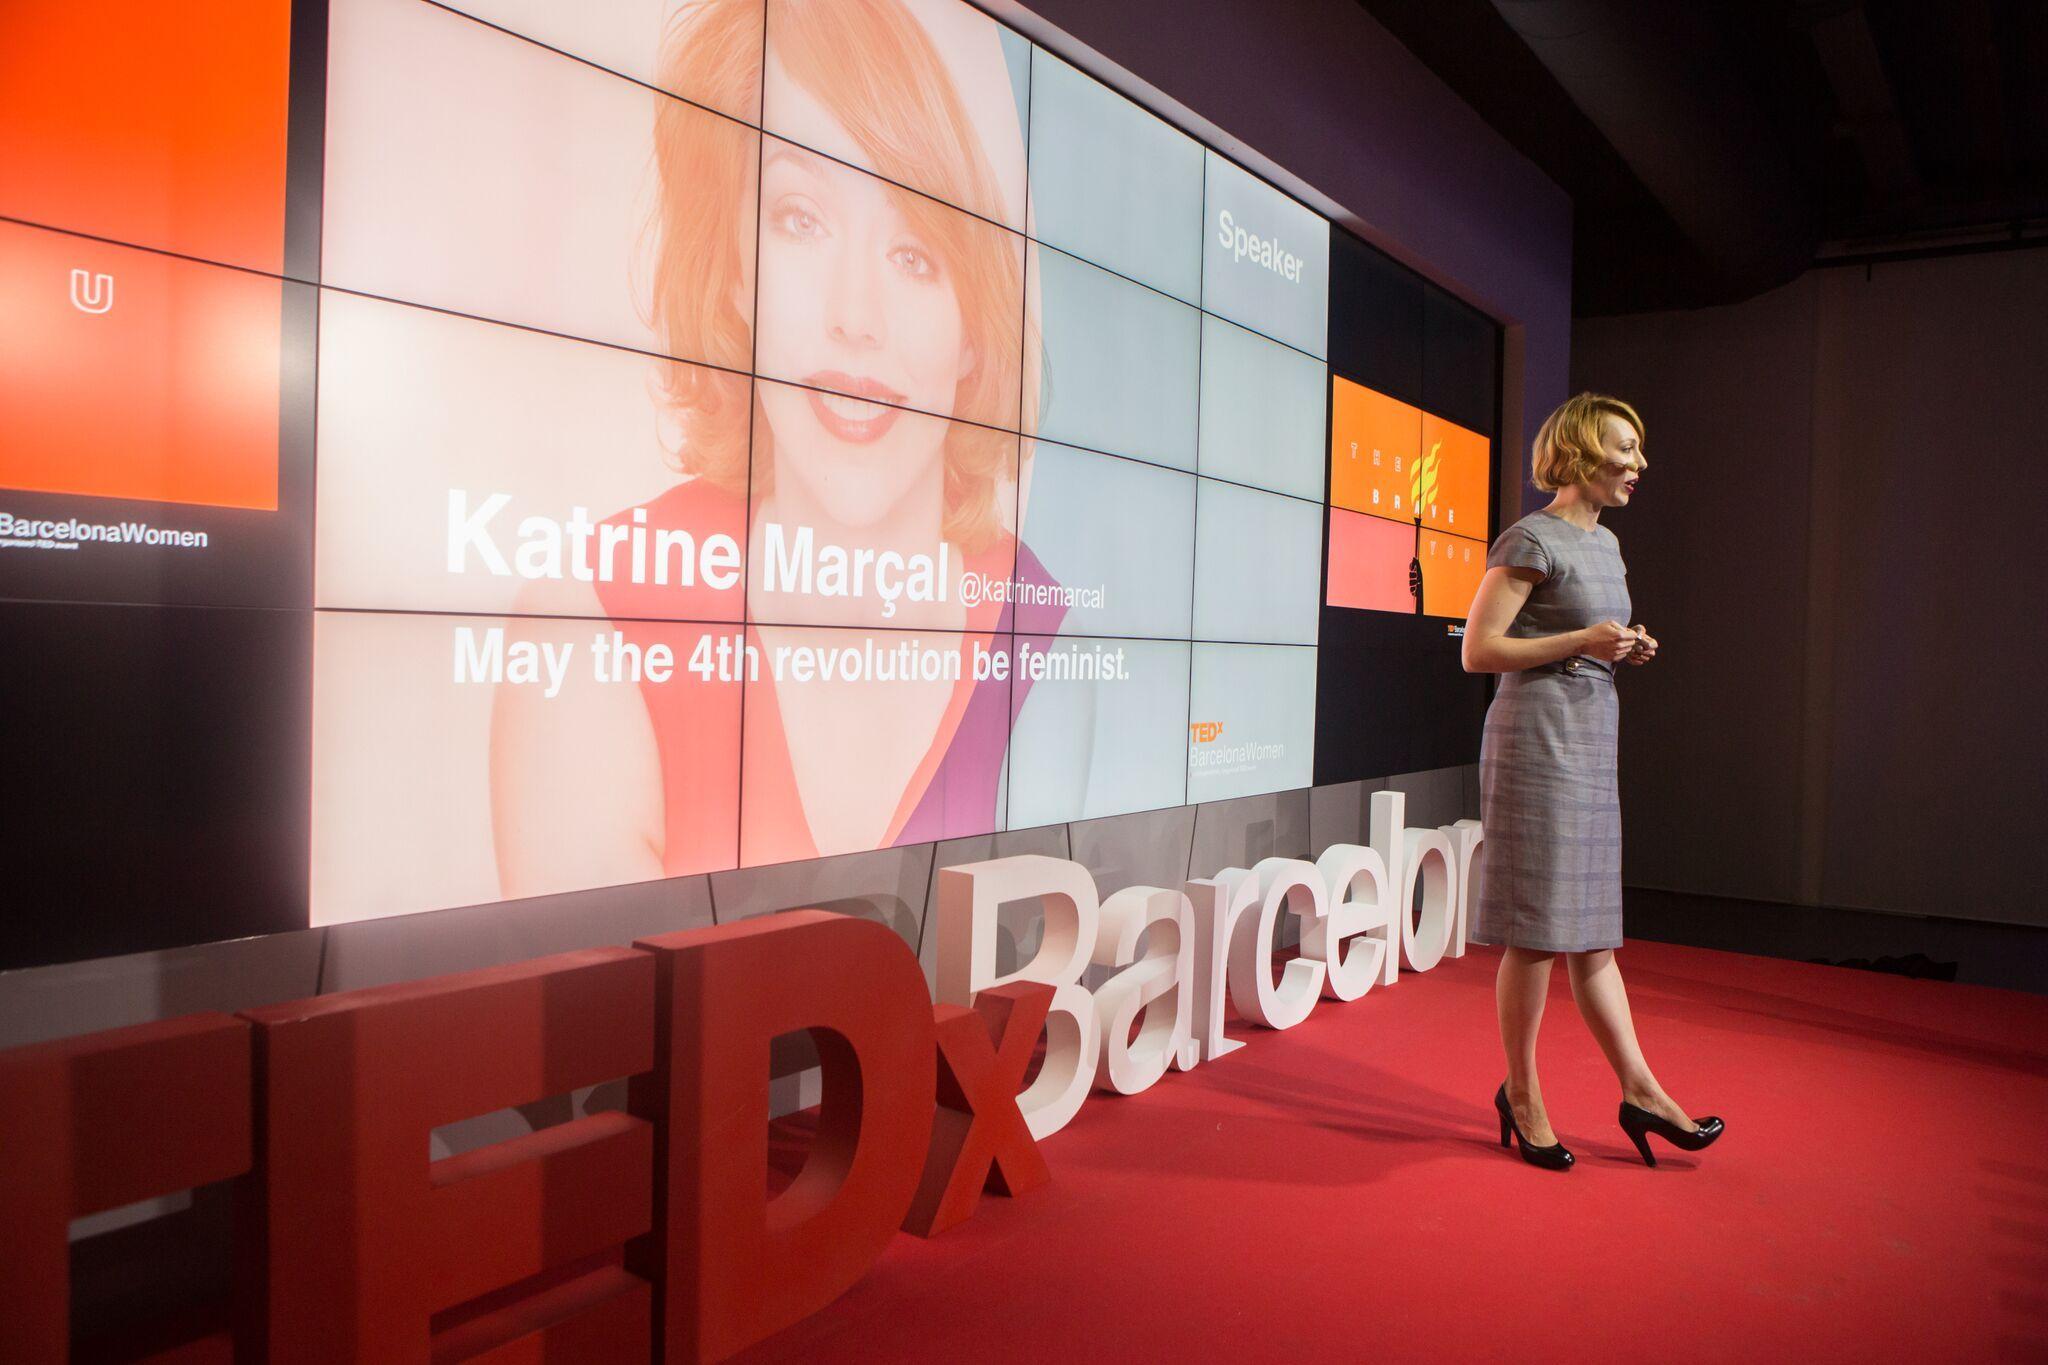 TEDX WOMEN 2017 CELEBRA EN MAZDA SPACE UNA JORNADA DEDICADA A LA IGUALDAD DE GÉNERO